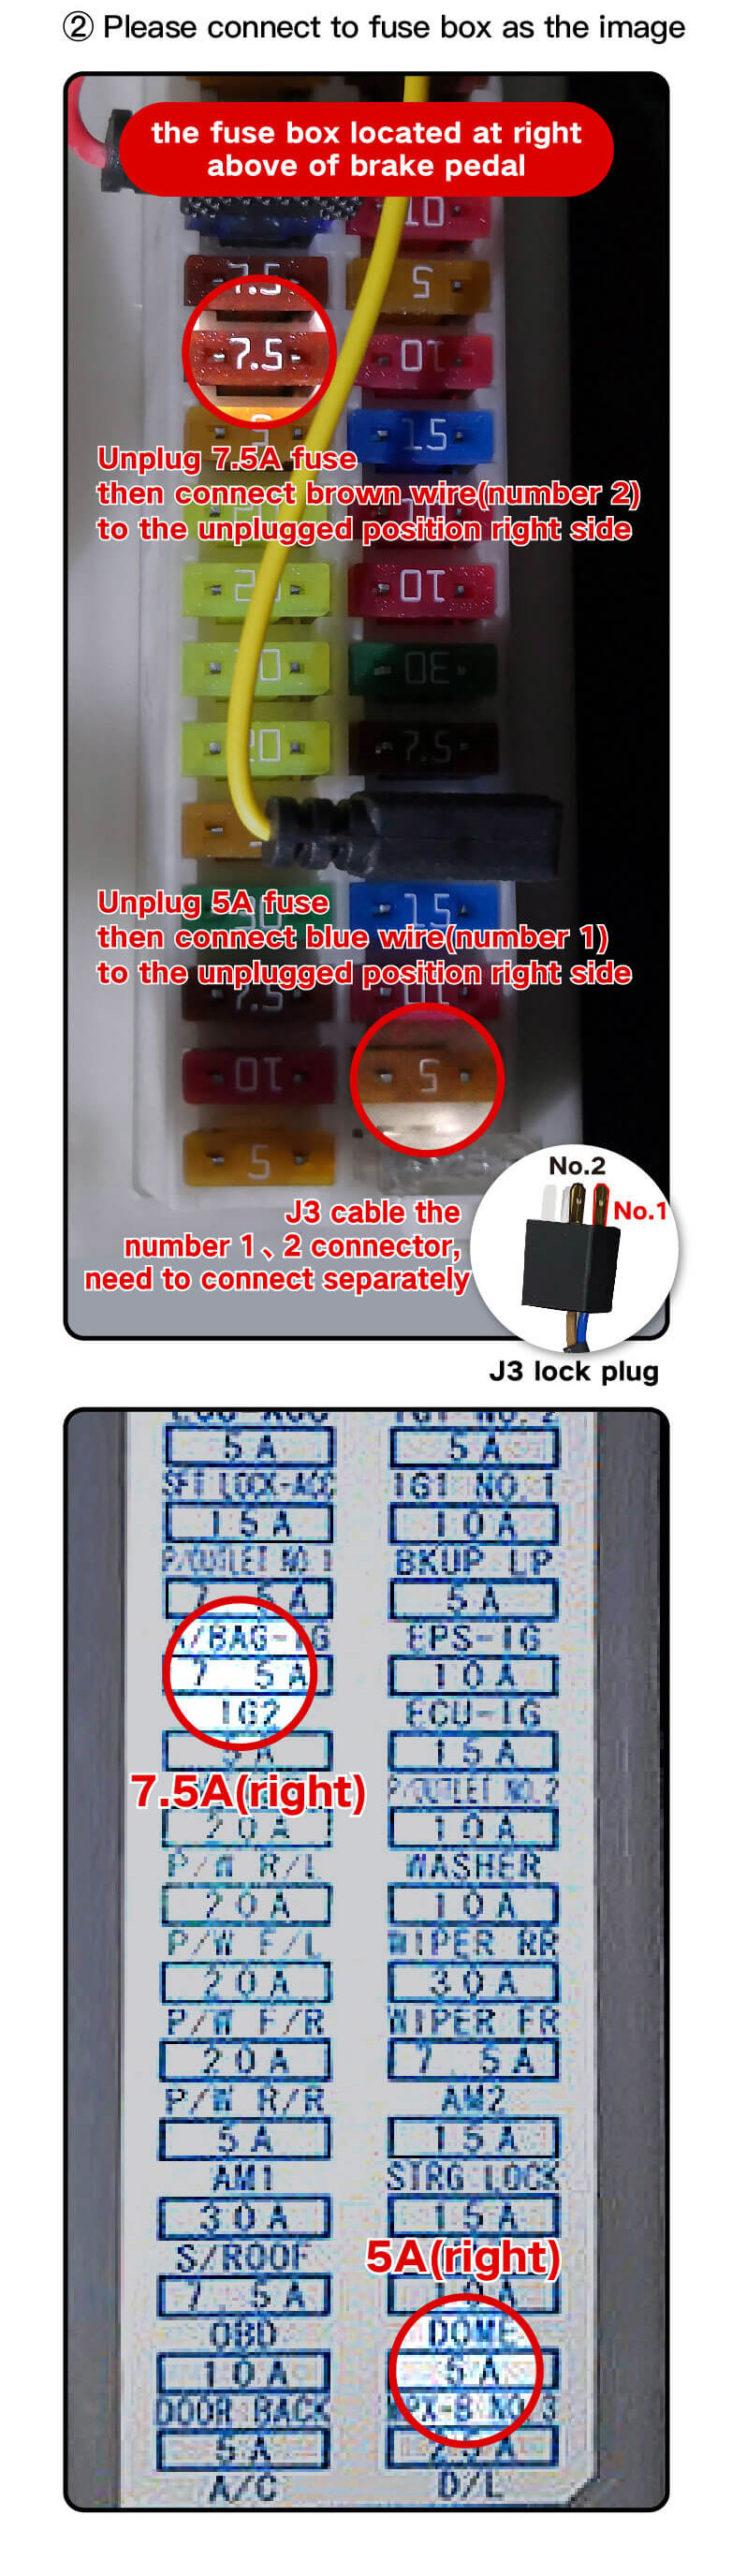 vvdi-program-toyota-camry-8a-all-keys-lost-29